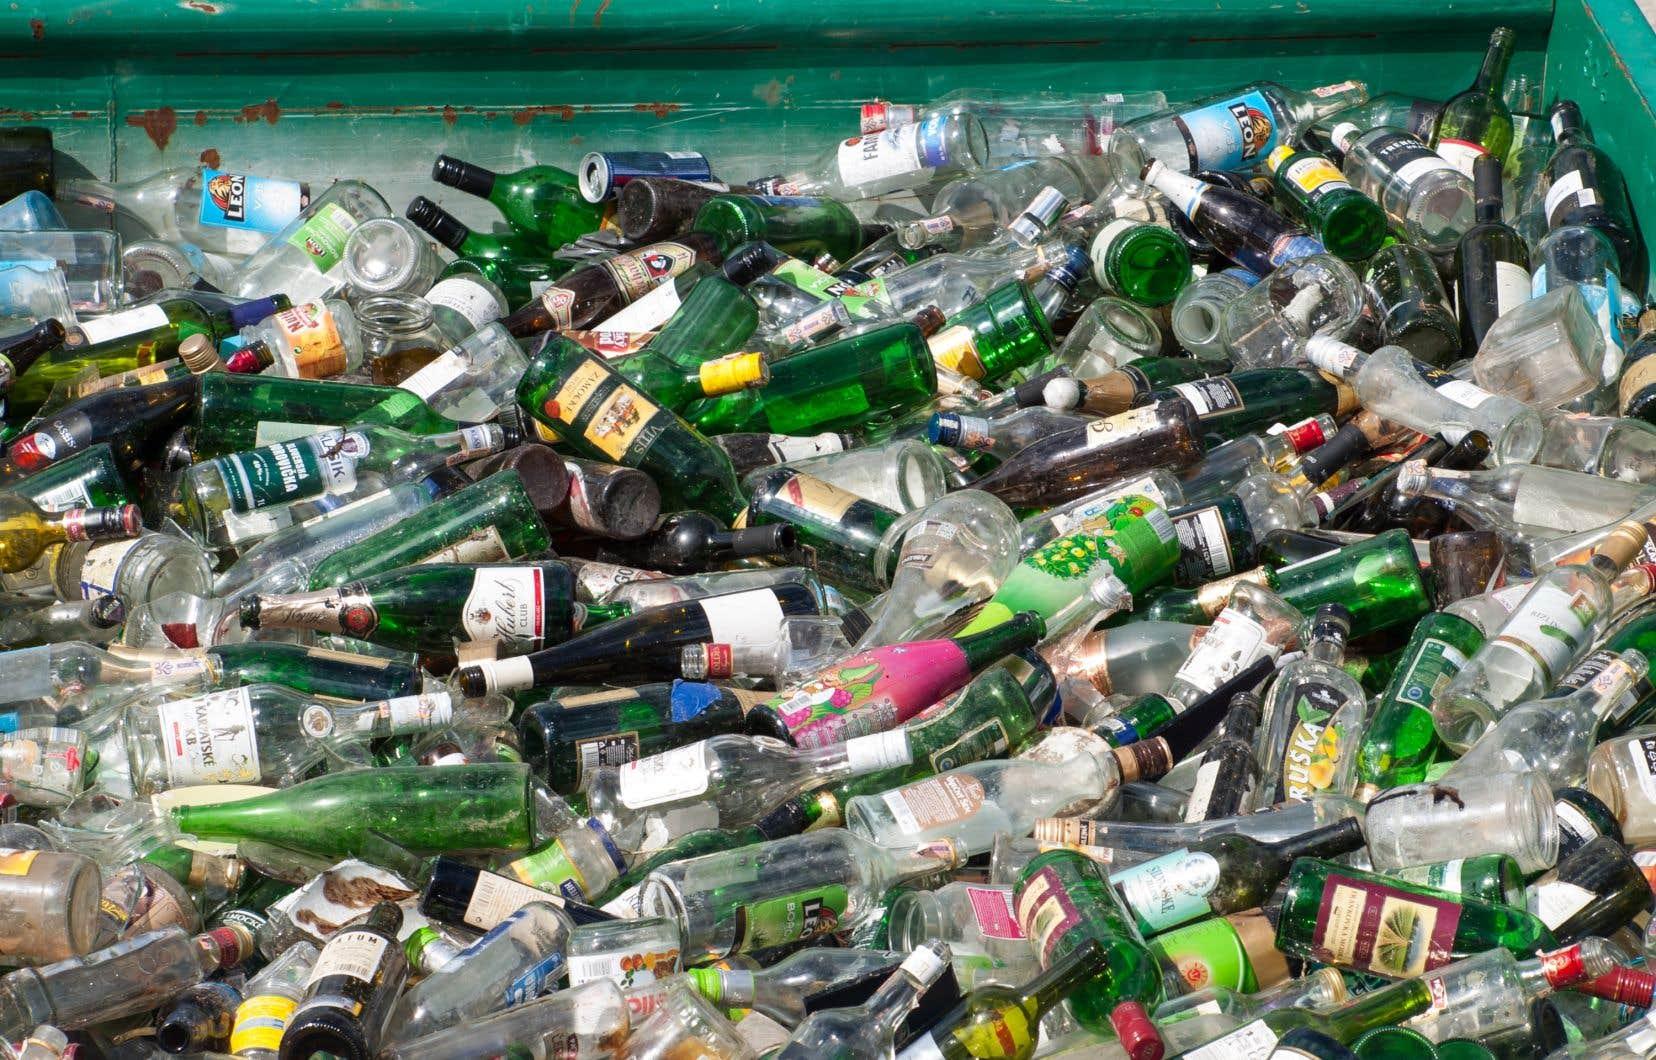 <p>François Legault promet que son gouvernement proposera un plan d'ici «quelques semaines» afin d'éviter que le verre, dont celui des bouteilles vendues à la SAQ, se retrouve dans les sites d'enfouissement.</p>